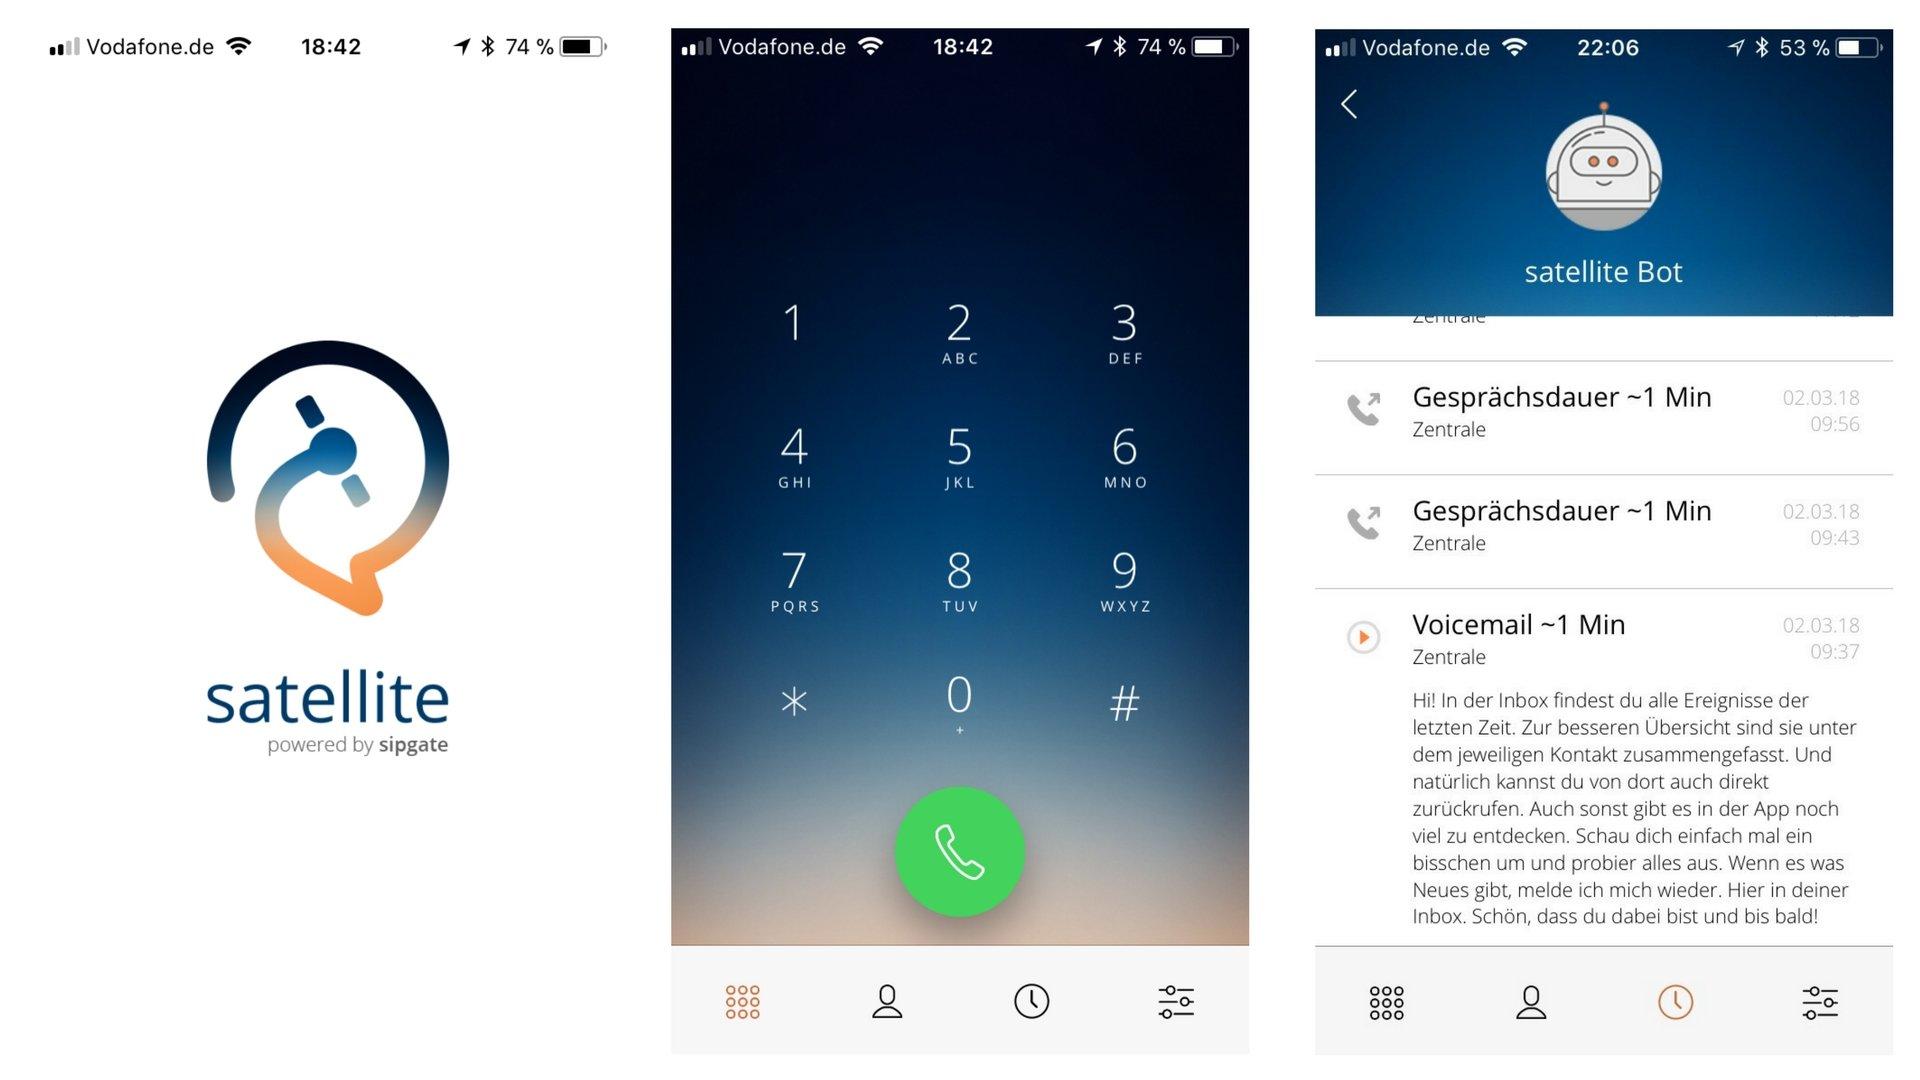 Whatsapp Ohne Sim Karte Nutzen.Satellite Ausprobiert Telefonieren Ohne Sim Karte Euronics Trendblog